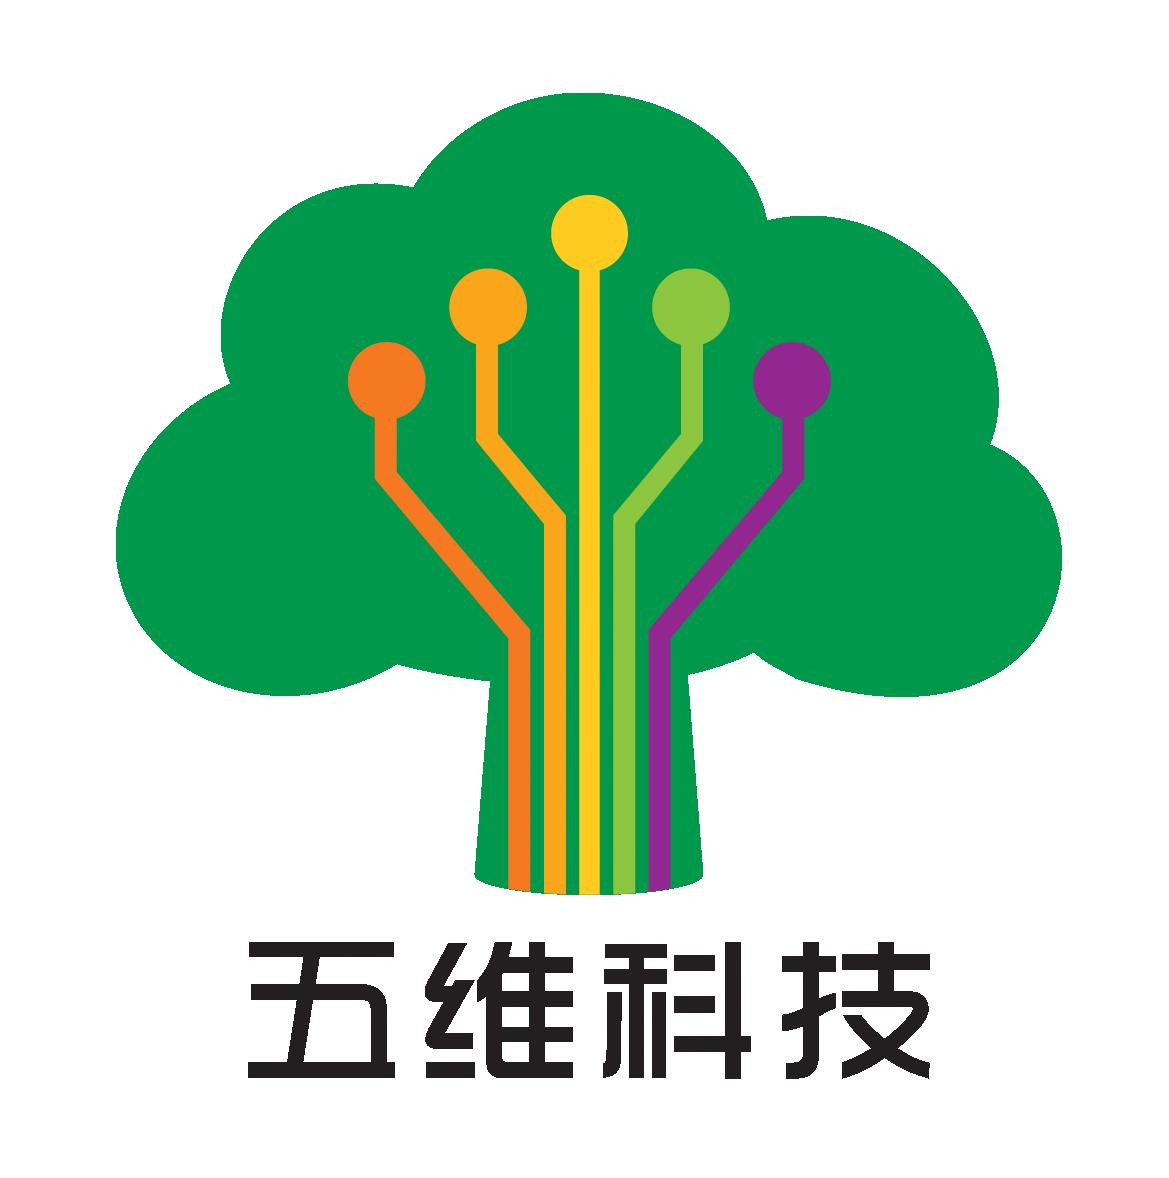 北京科技大学校徽矢量图